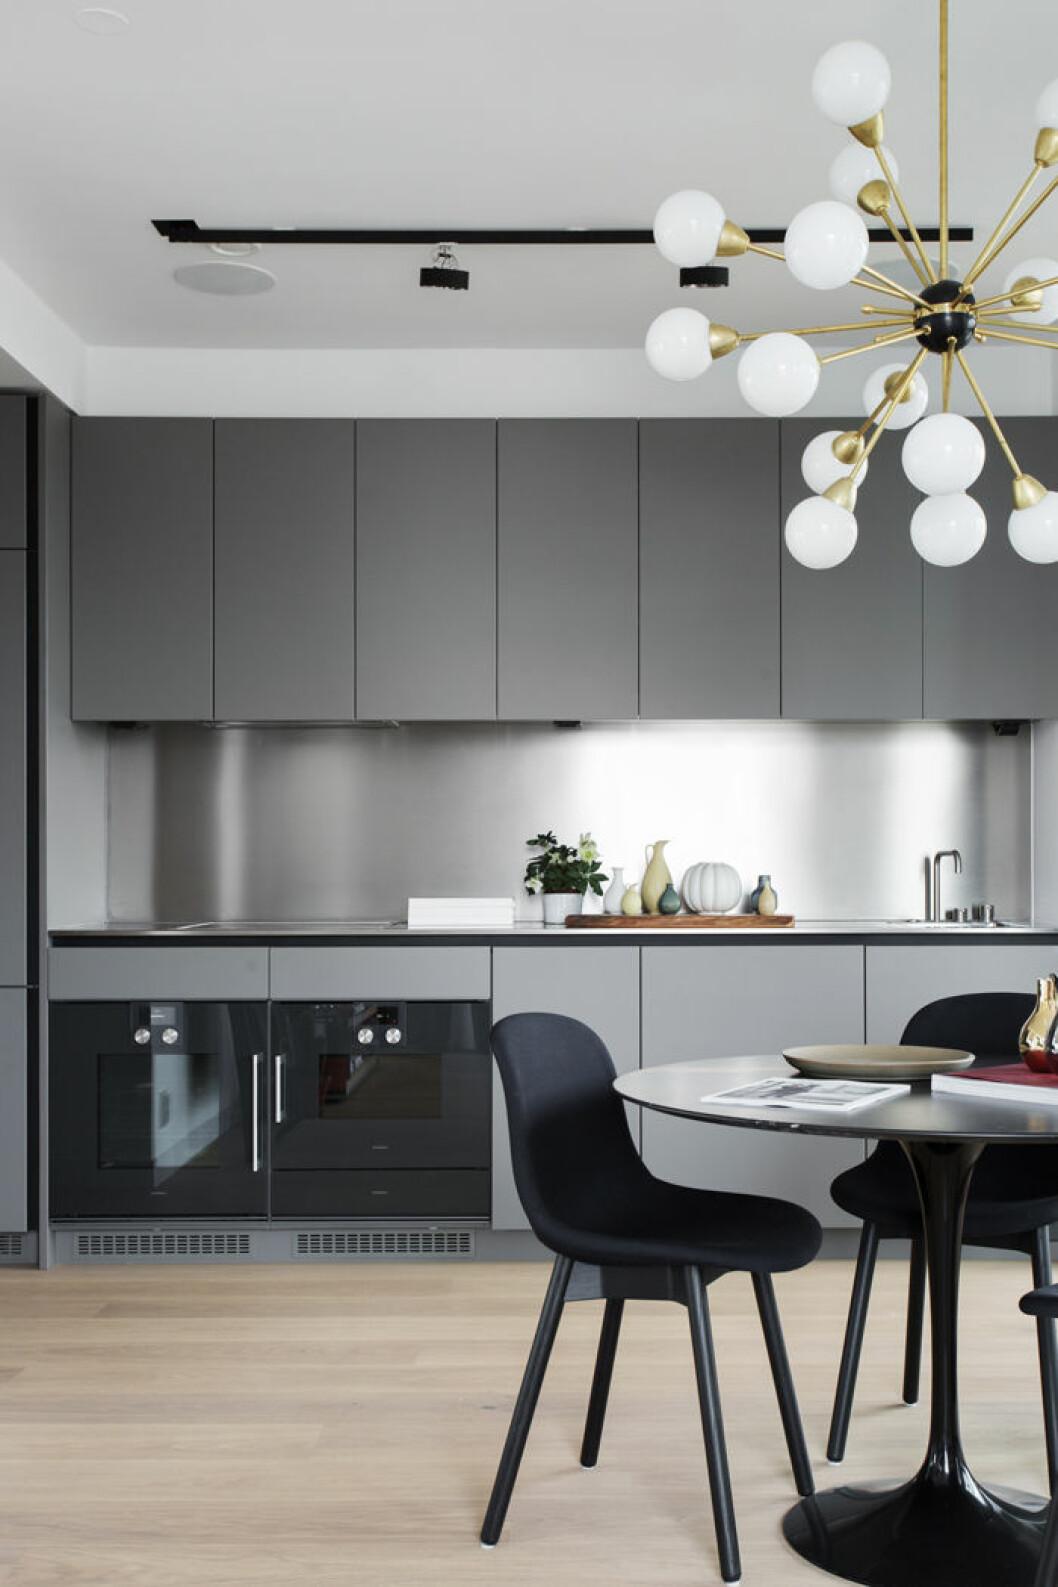 ESNY-Continental-apartments-Foto-Jesper-Florbrandt-7